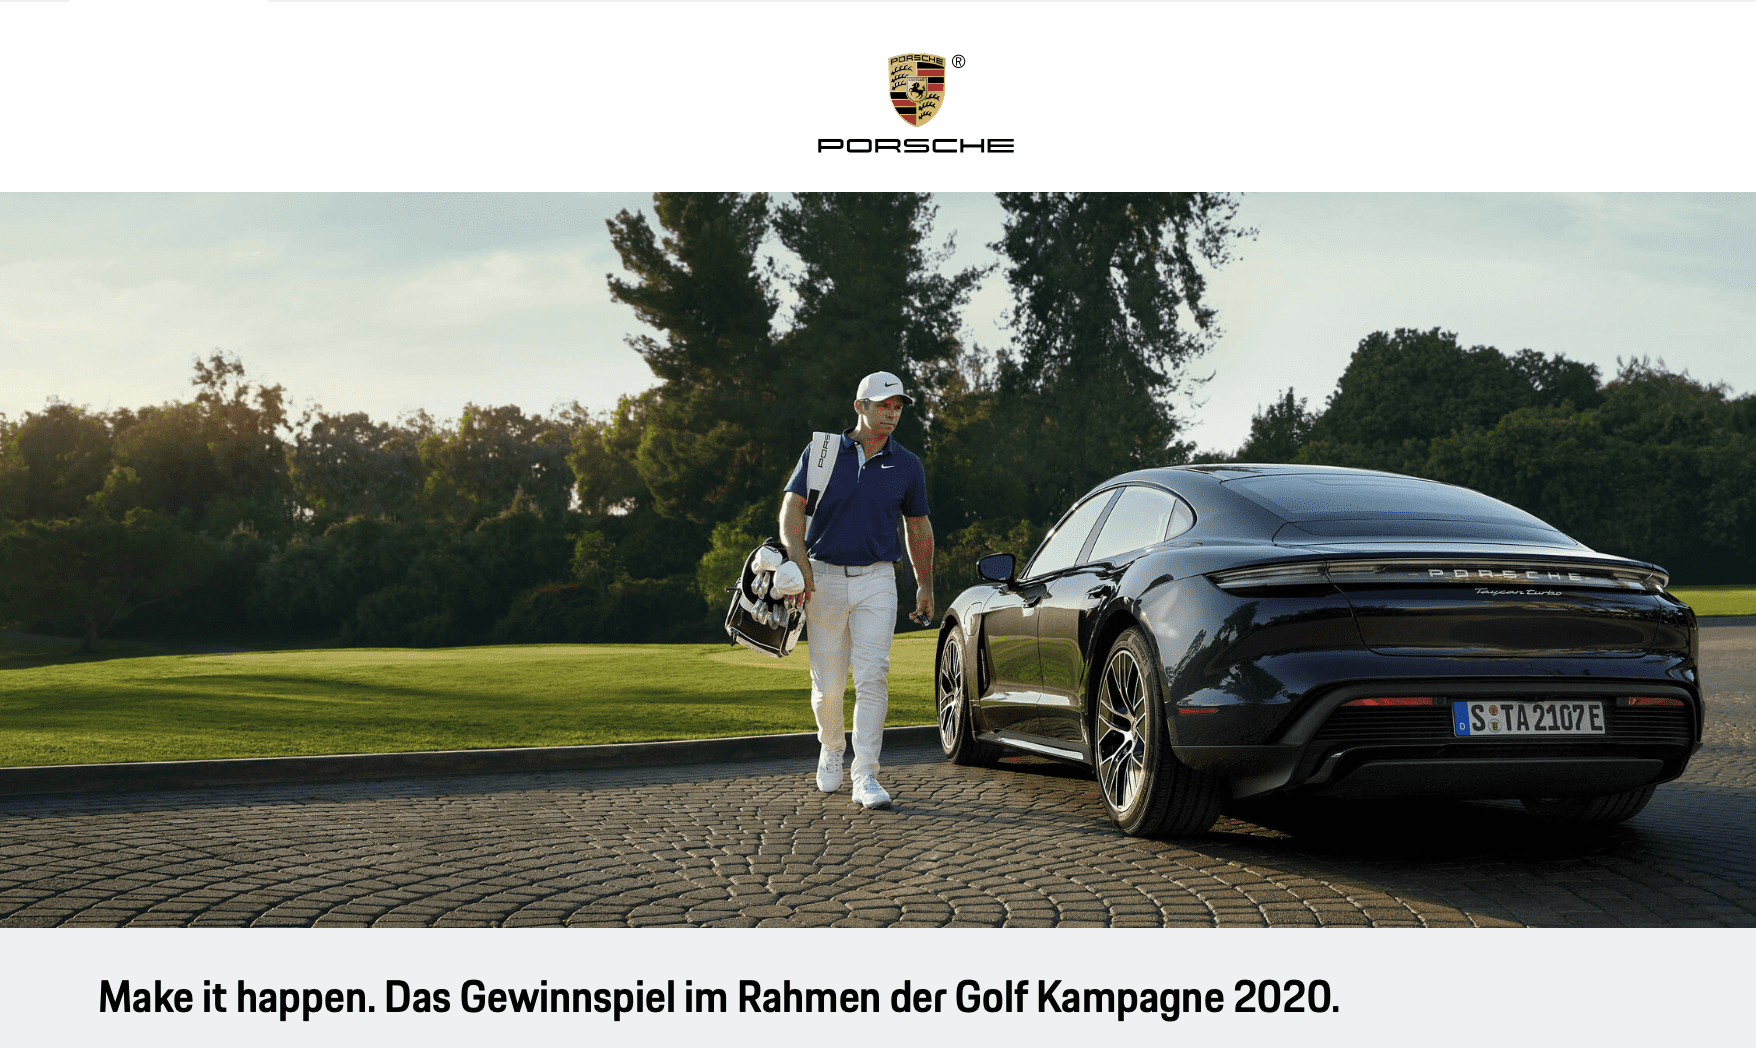 Das Gewinnspiel zur Porsche Golf Kampagne 2020